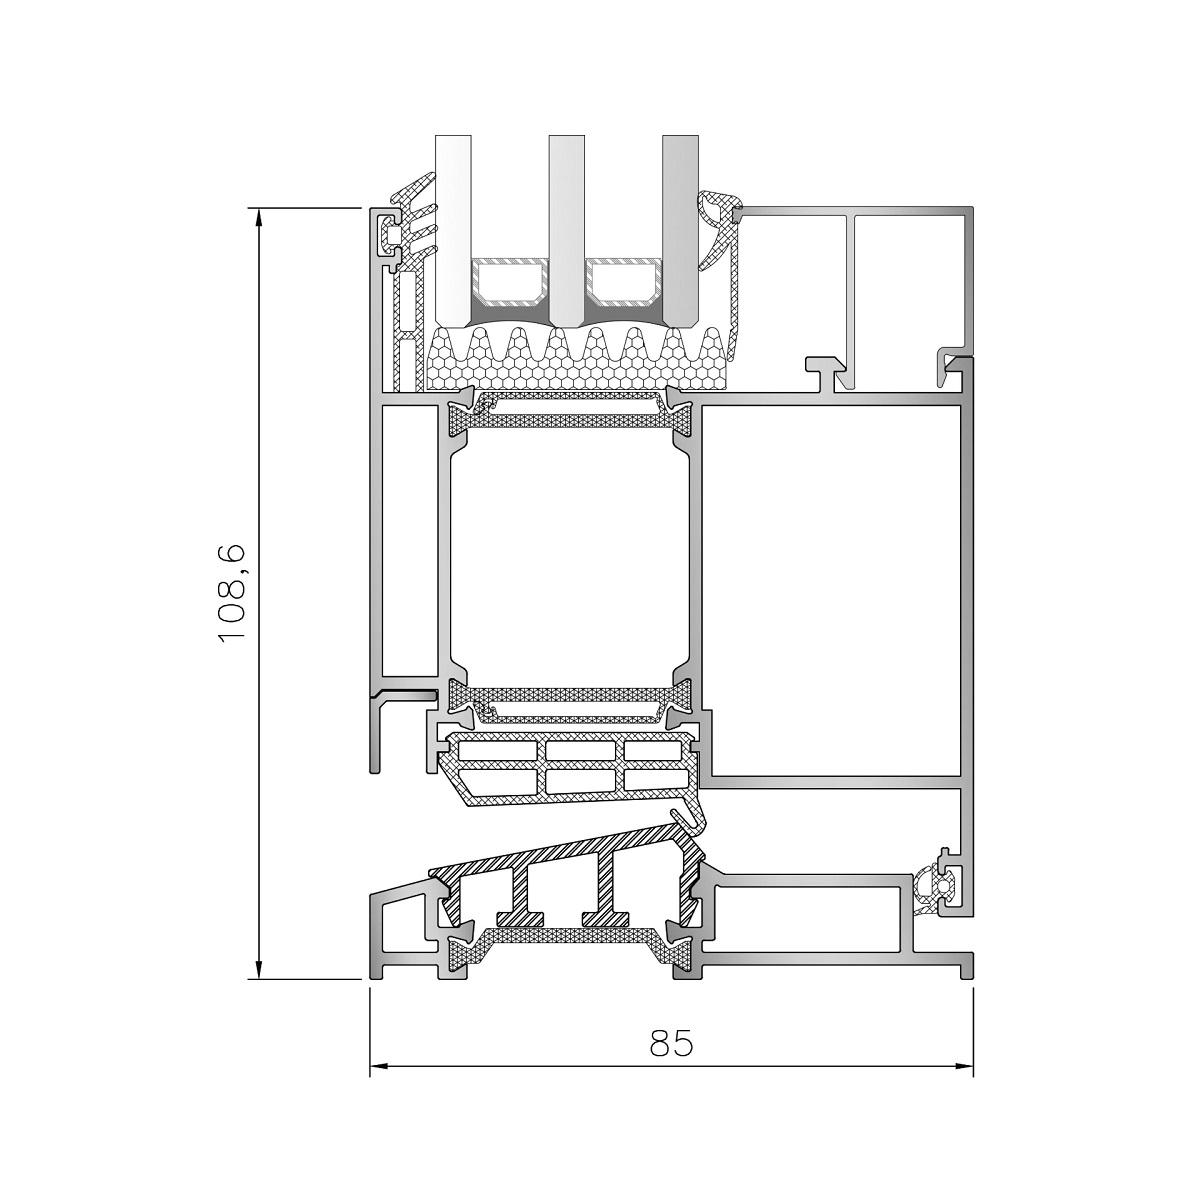 Inoform-F85-Door-Bottom-section